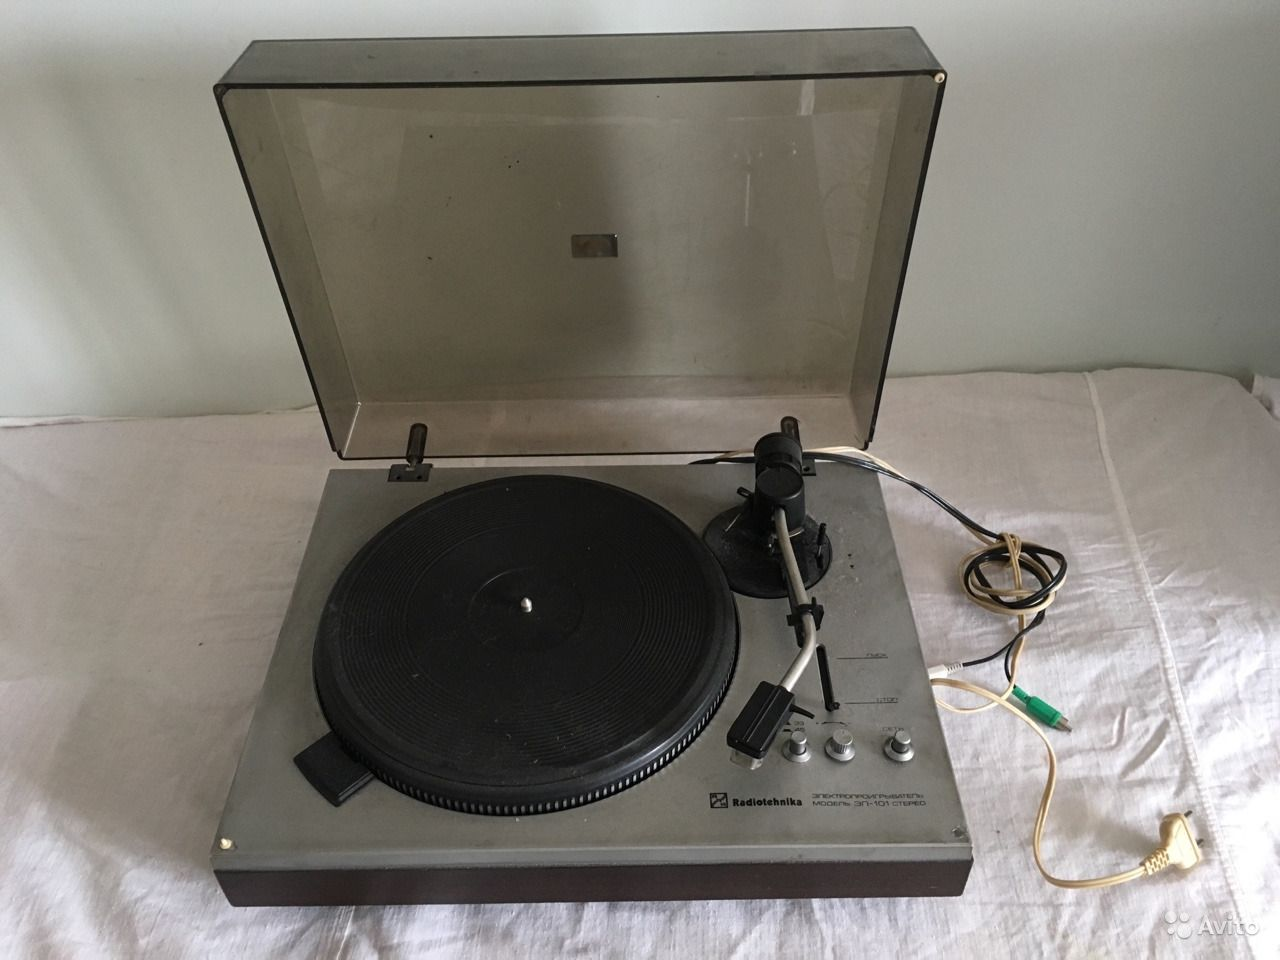 купить проигрыватель виниловых пластинок радиотехника